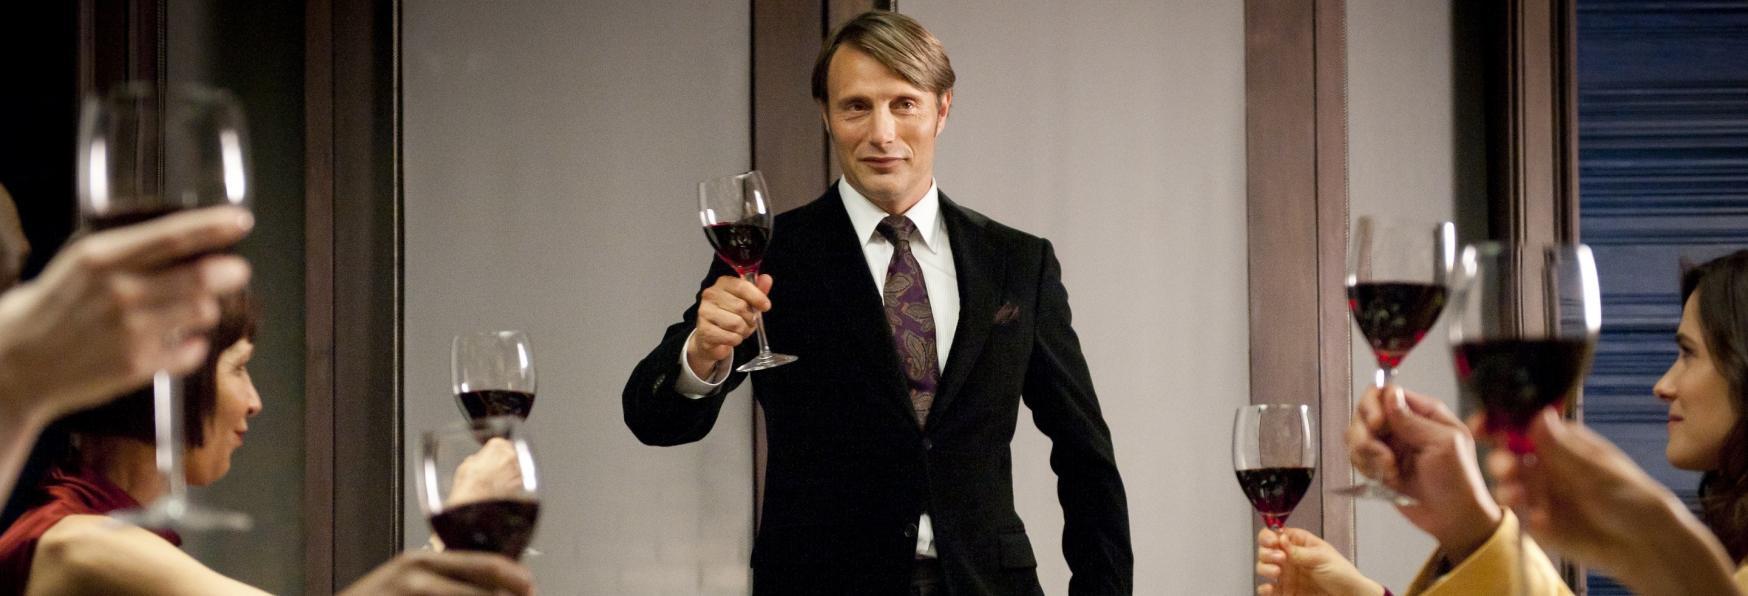 Hannibal 4: l'Autore spera che l'arrivo di Netflix porti a una nuova Stagione